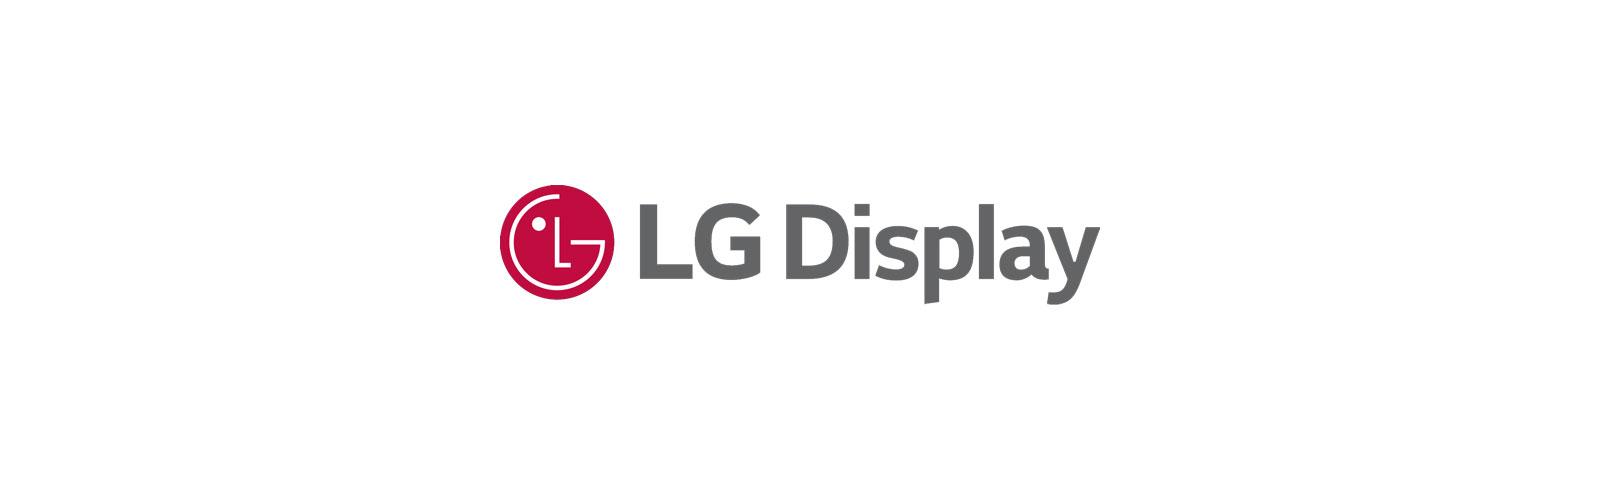 LG OLED display panels are now TÜV Rheinland certified as Eye Comfort Displays